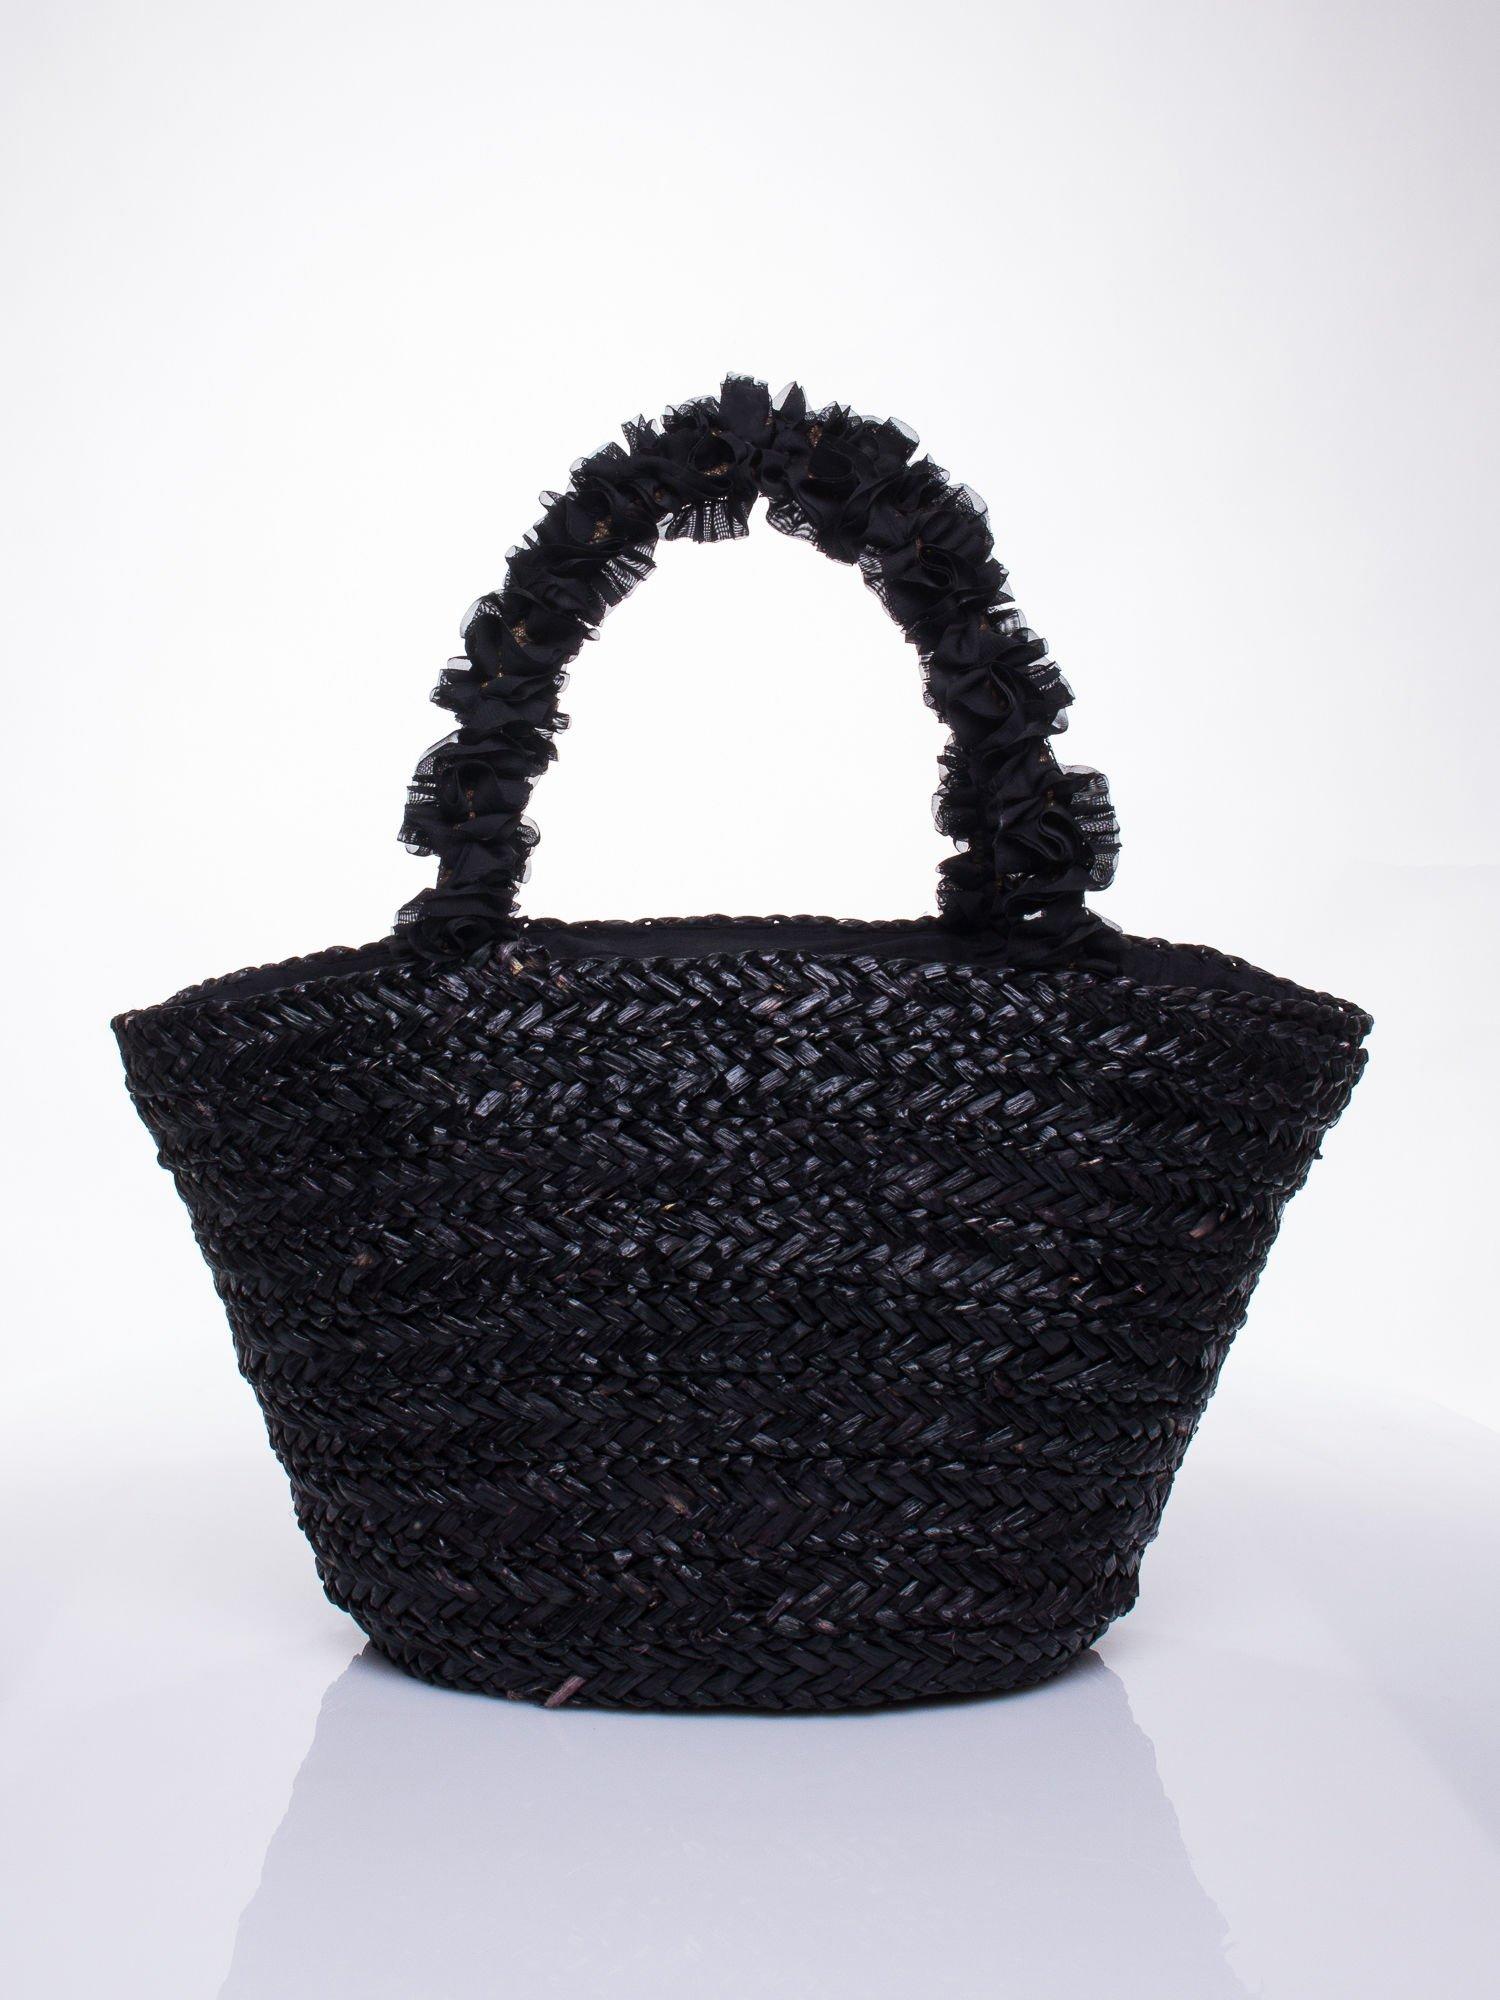 Czarna torba koszyk plażowy z ozdobnymi kwiatami                                  zdj.                                  4